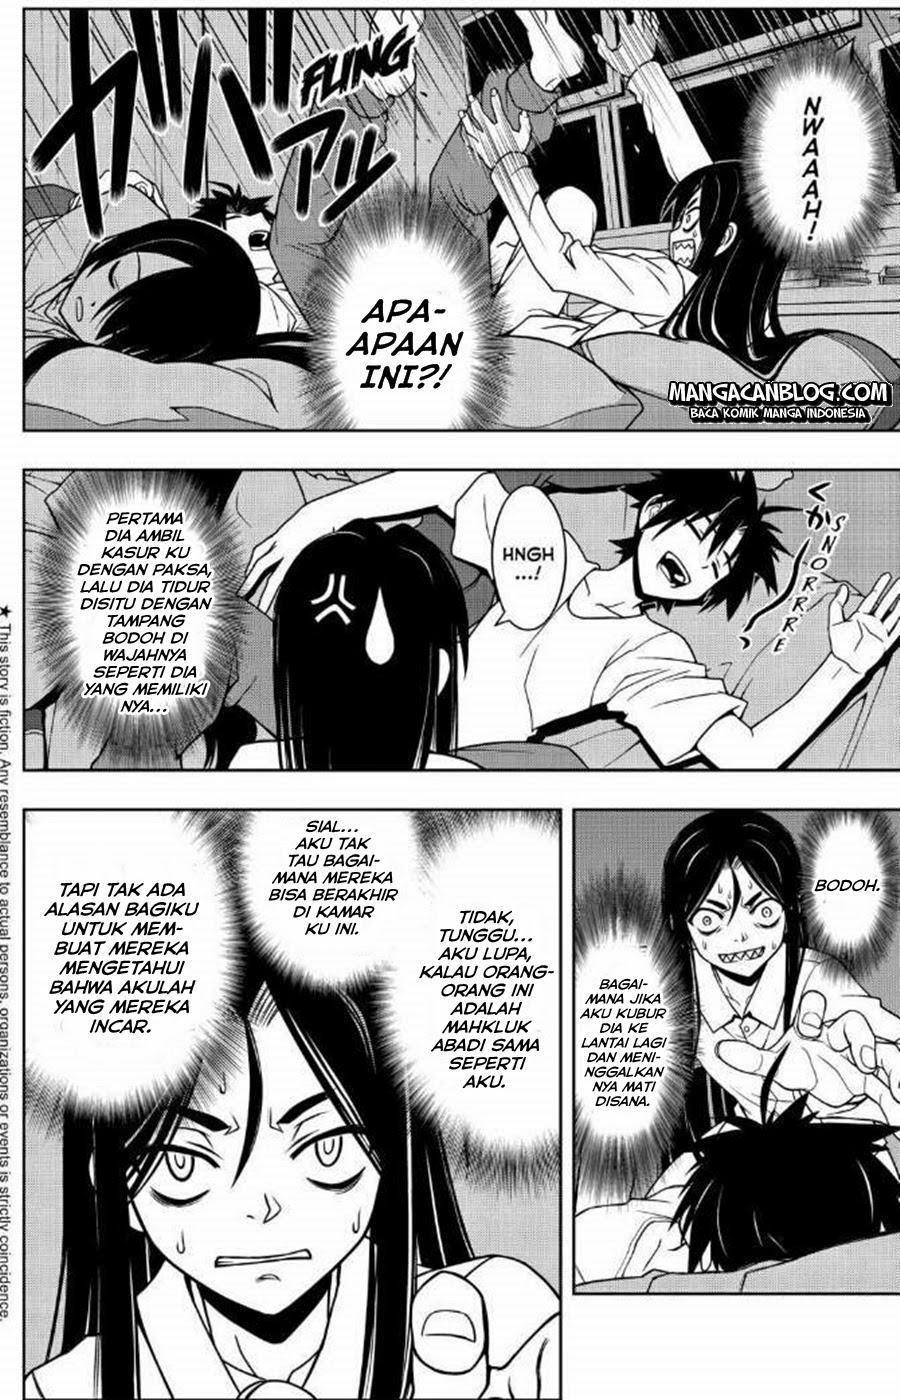 Komik uq holder 048 - kenangan yang indah 49 Indonesia uq holder 048 - kenangan yang indah Terbaru 2|Baca Manga Komik Indonesia